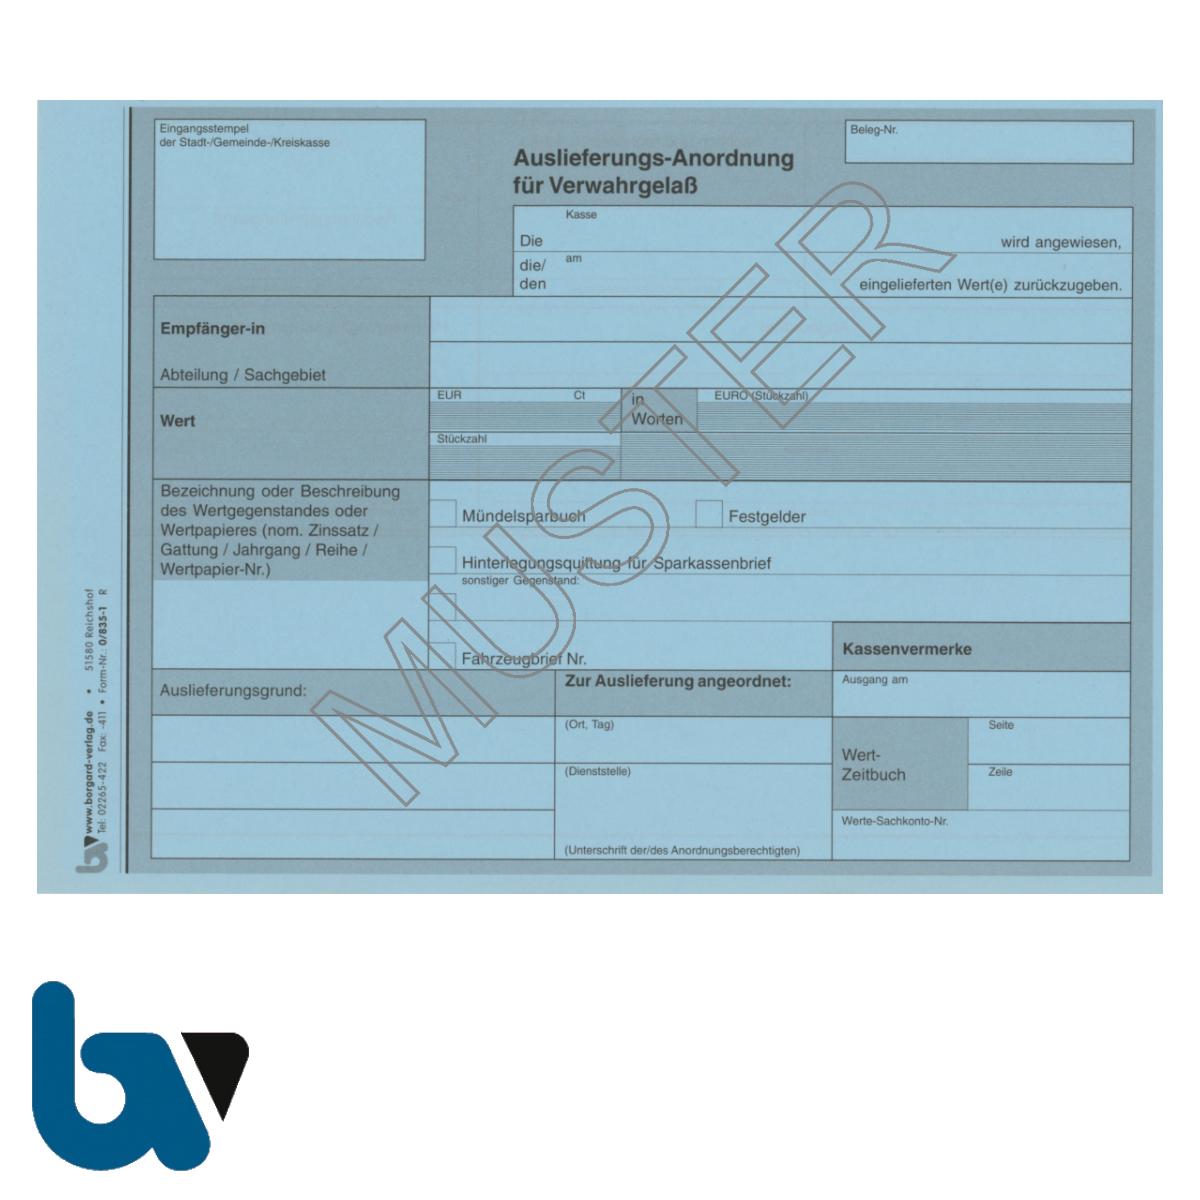 0/835-1 Auslieferungs Anordnung Verwahrgelass blau DIN A5 Vorderseite | Borgard Verlag GmbH